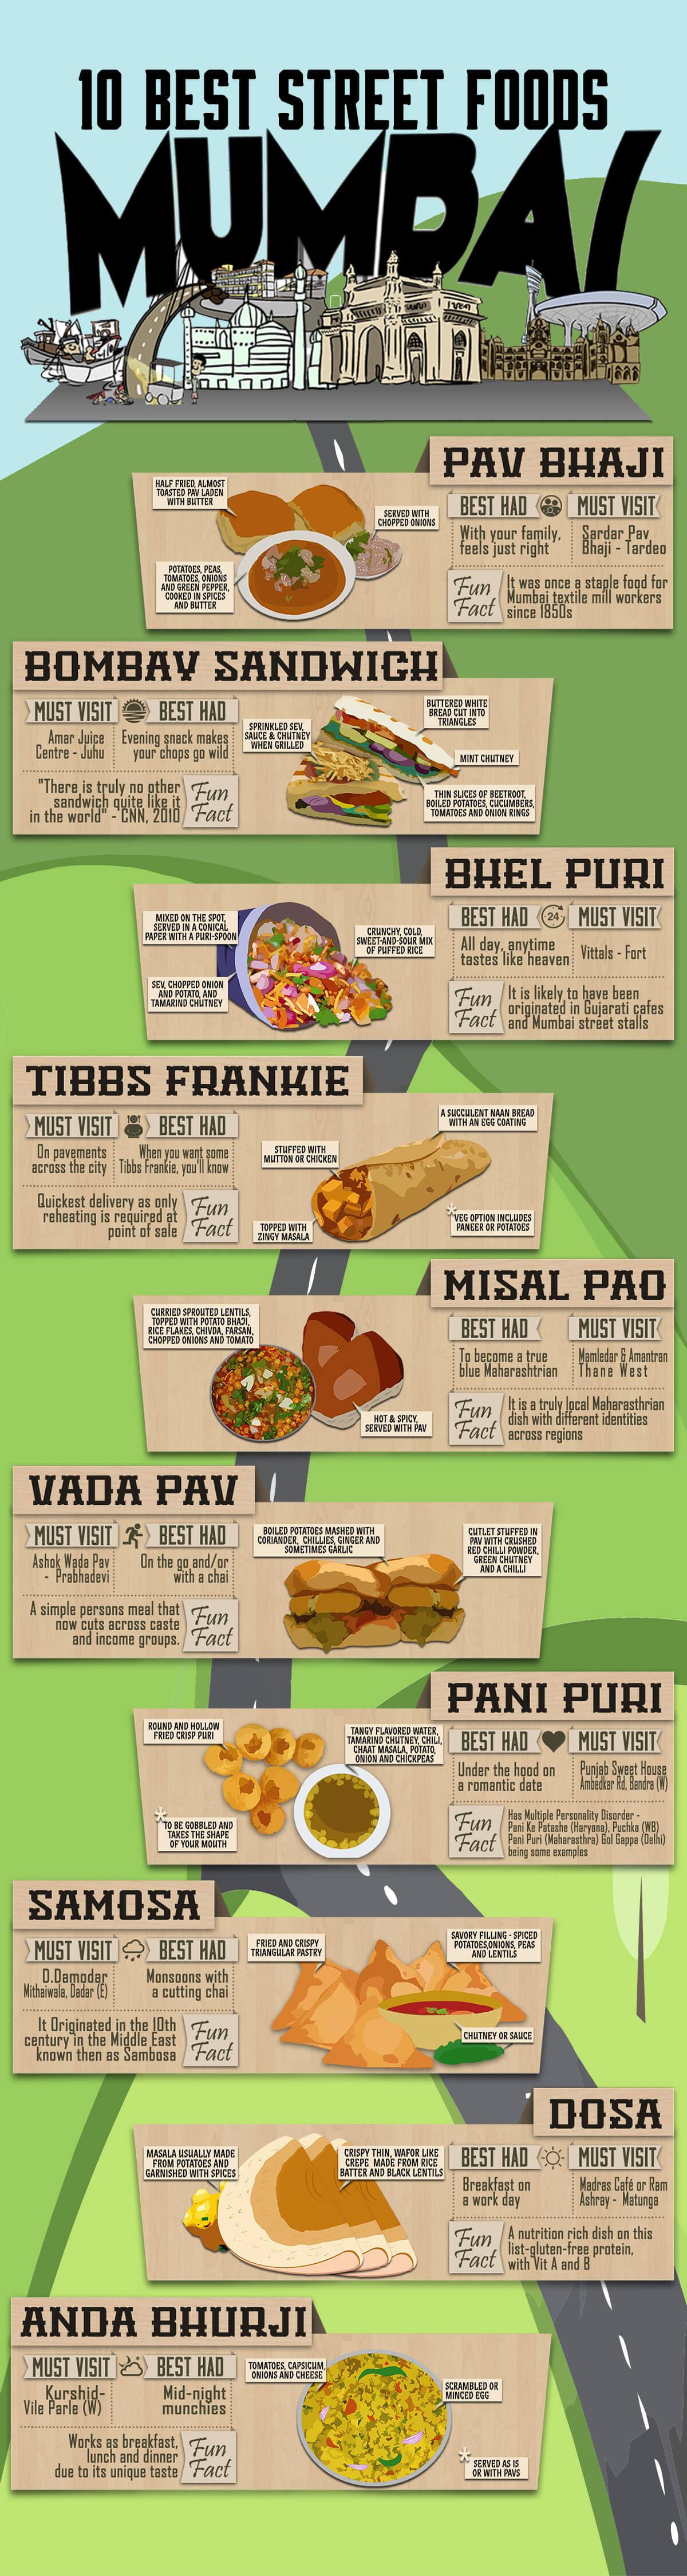 Top 10 Street Foods Mumbai